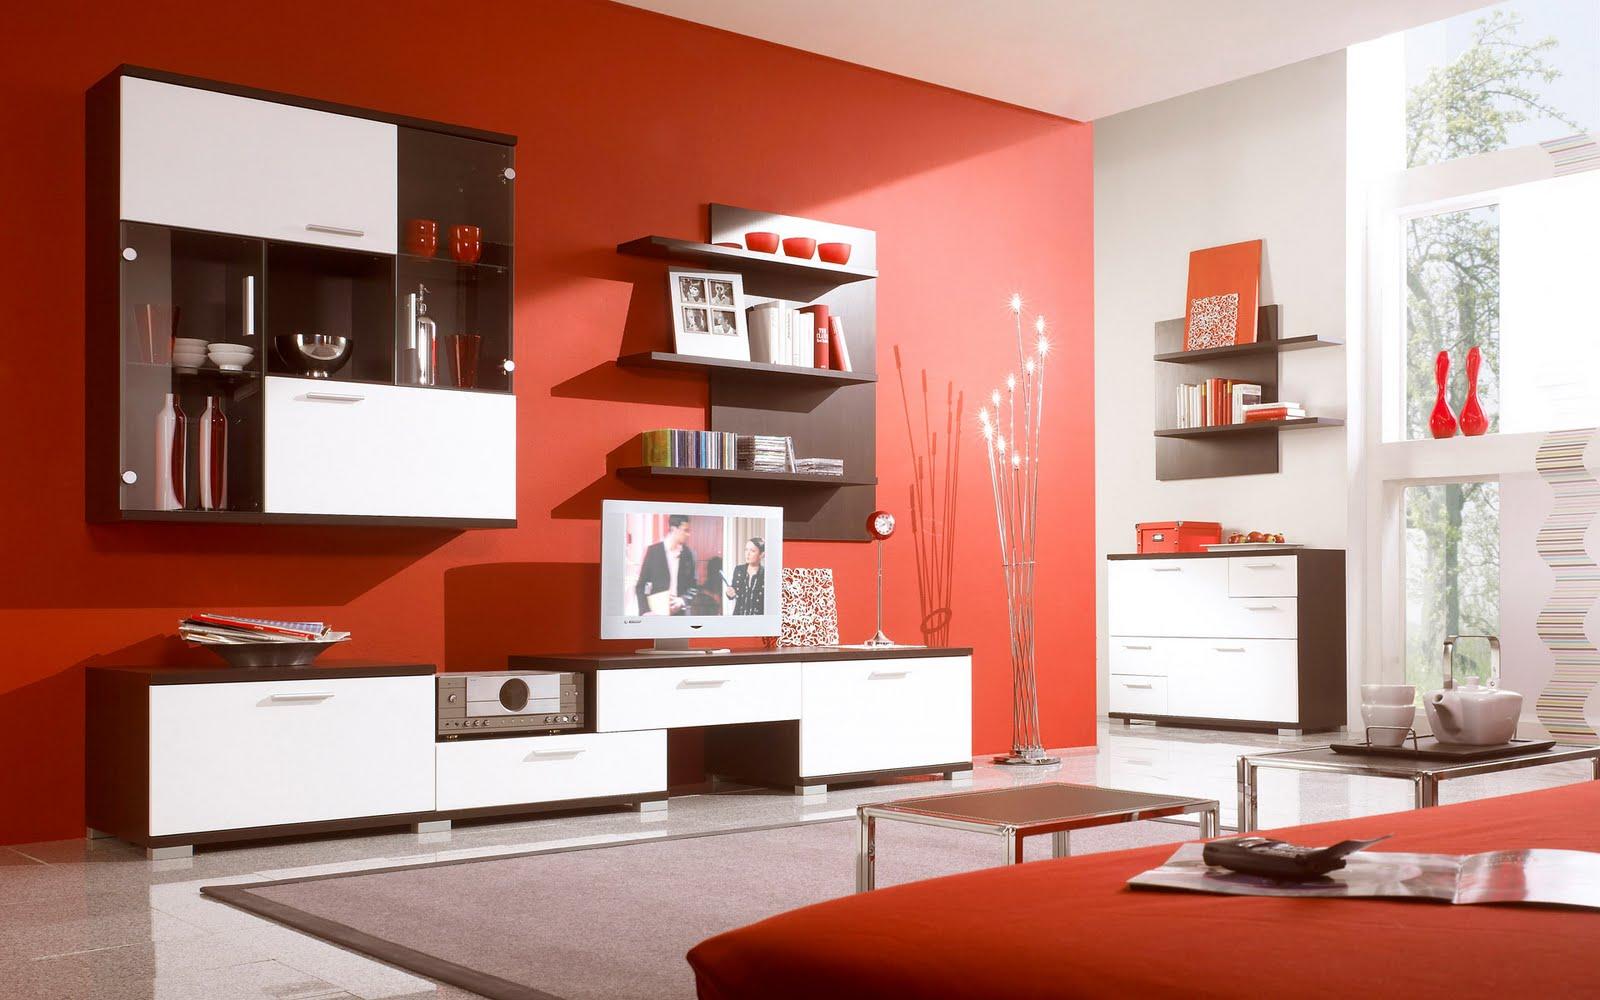 http://4.bp.blogspot.com/-GdIJIg4fTpI/T7-qiX6hf8I/AAAAAAAAAkI/9E1-cuhYJYQ/s1600/Red-Plum-Modern-Living-Room.jpg